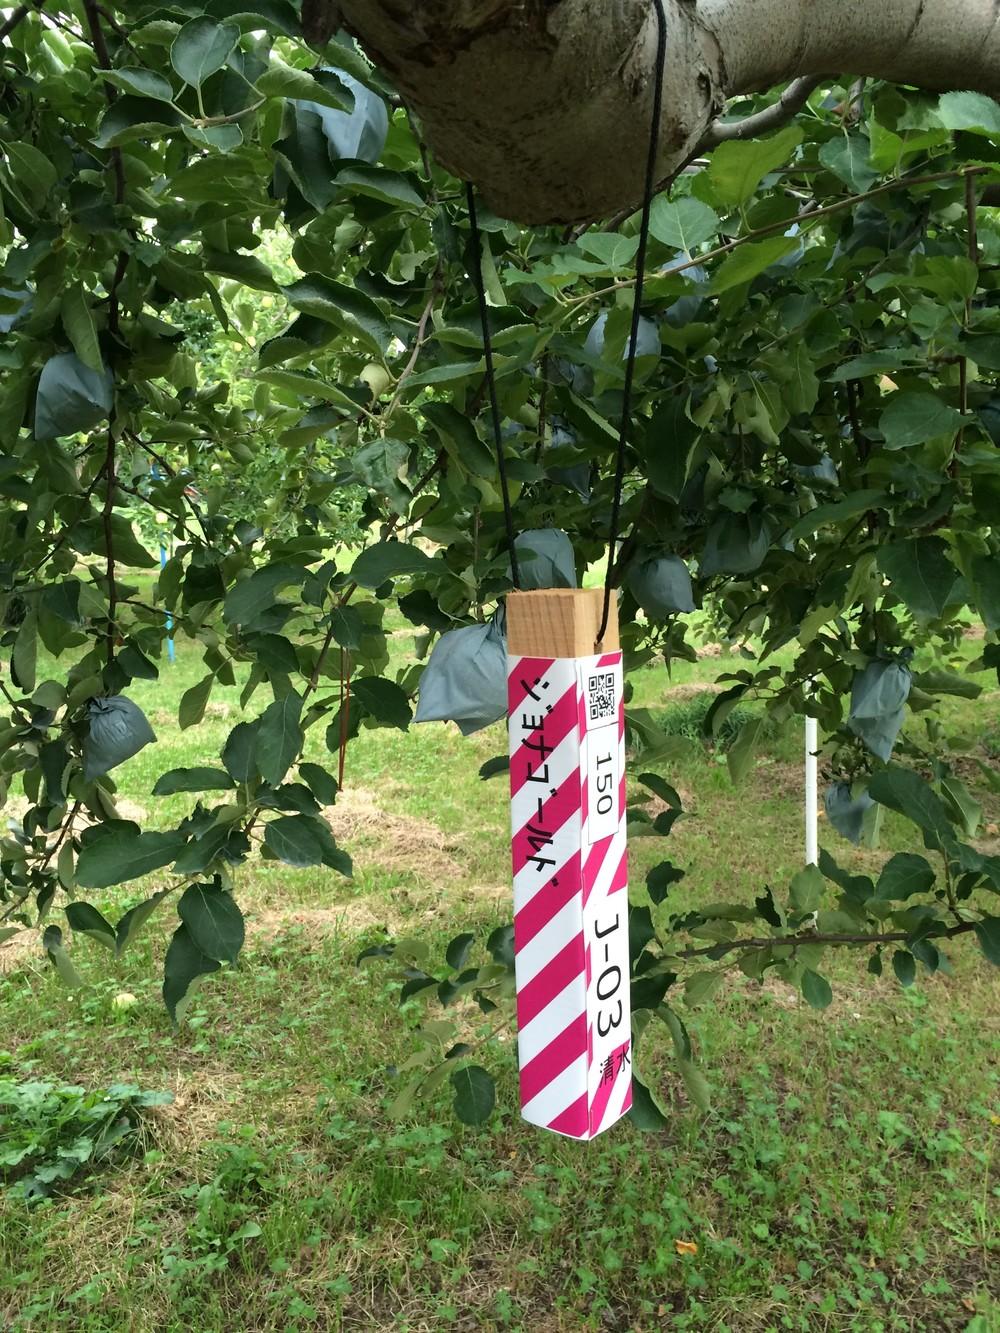 「スマート農業」で若手を振り向かせたい! CG農園で収穫テスト、QRで樹木管理...技術開発進む